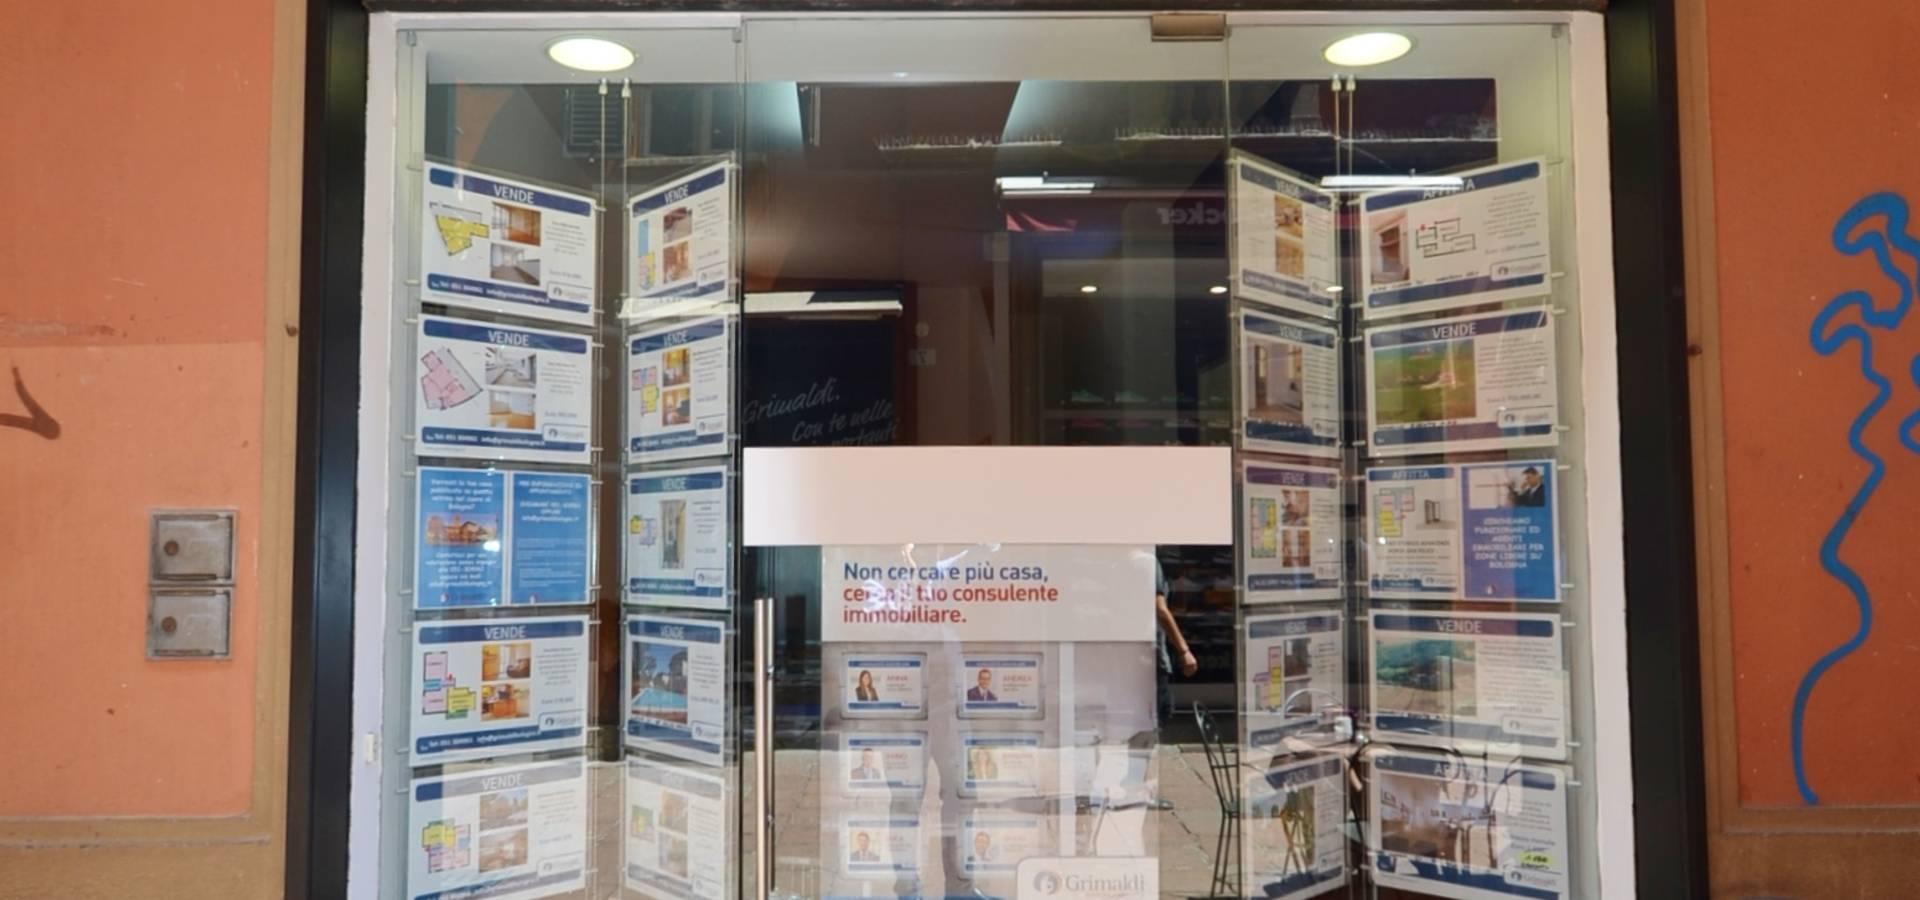 Grimaldi immobiliare bologna agenzie immobiliari a for Grimaldi immobiliare